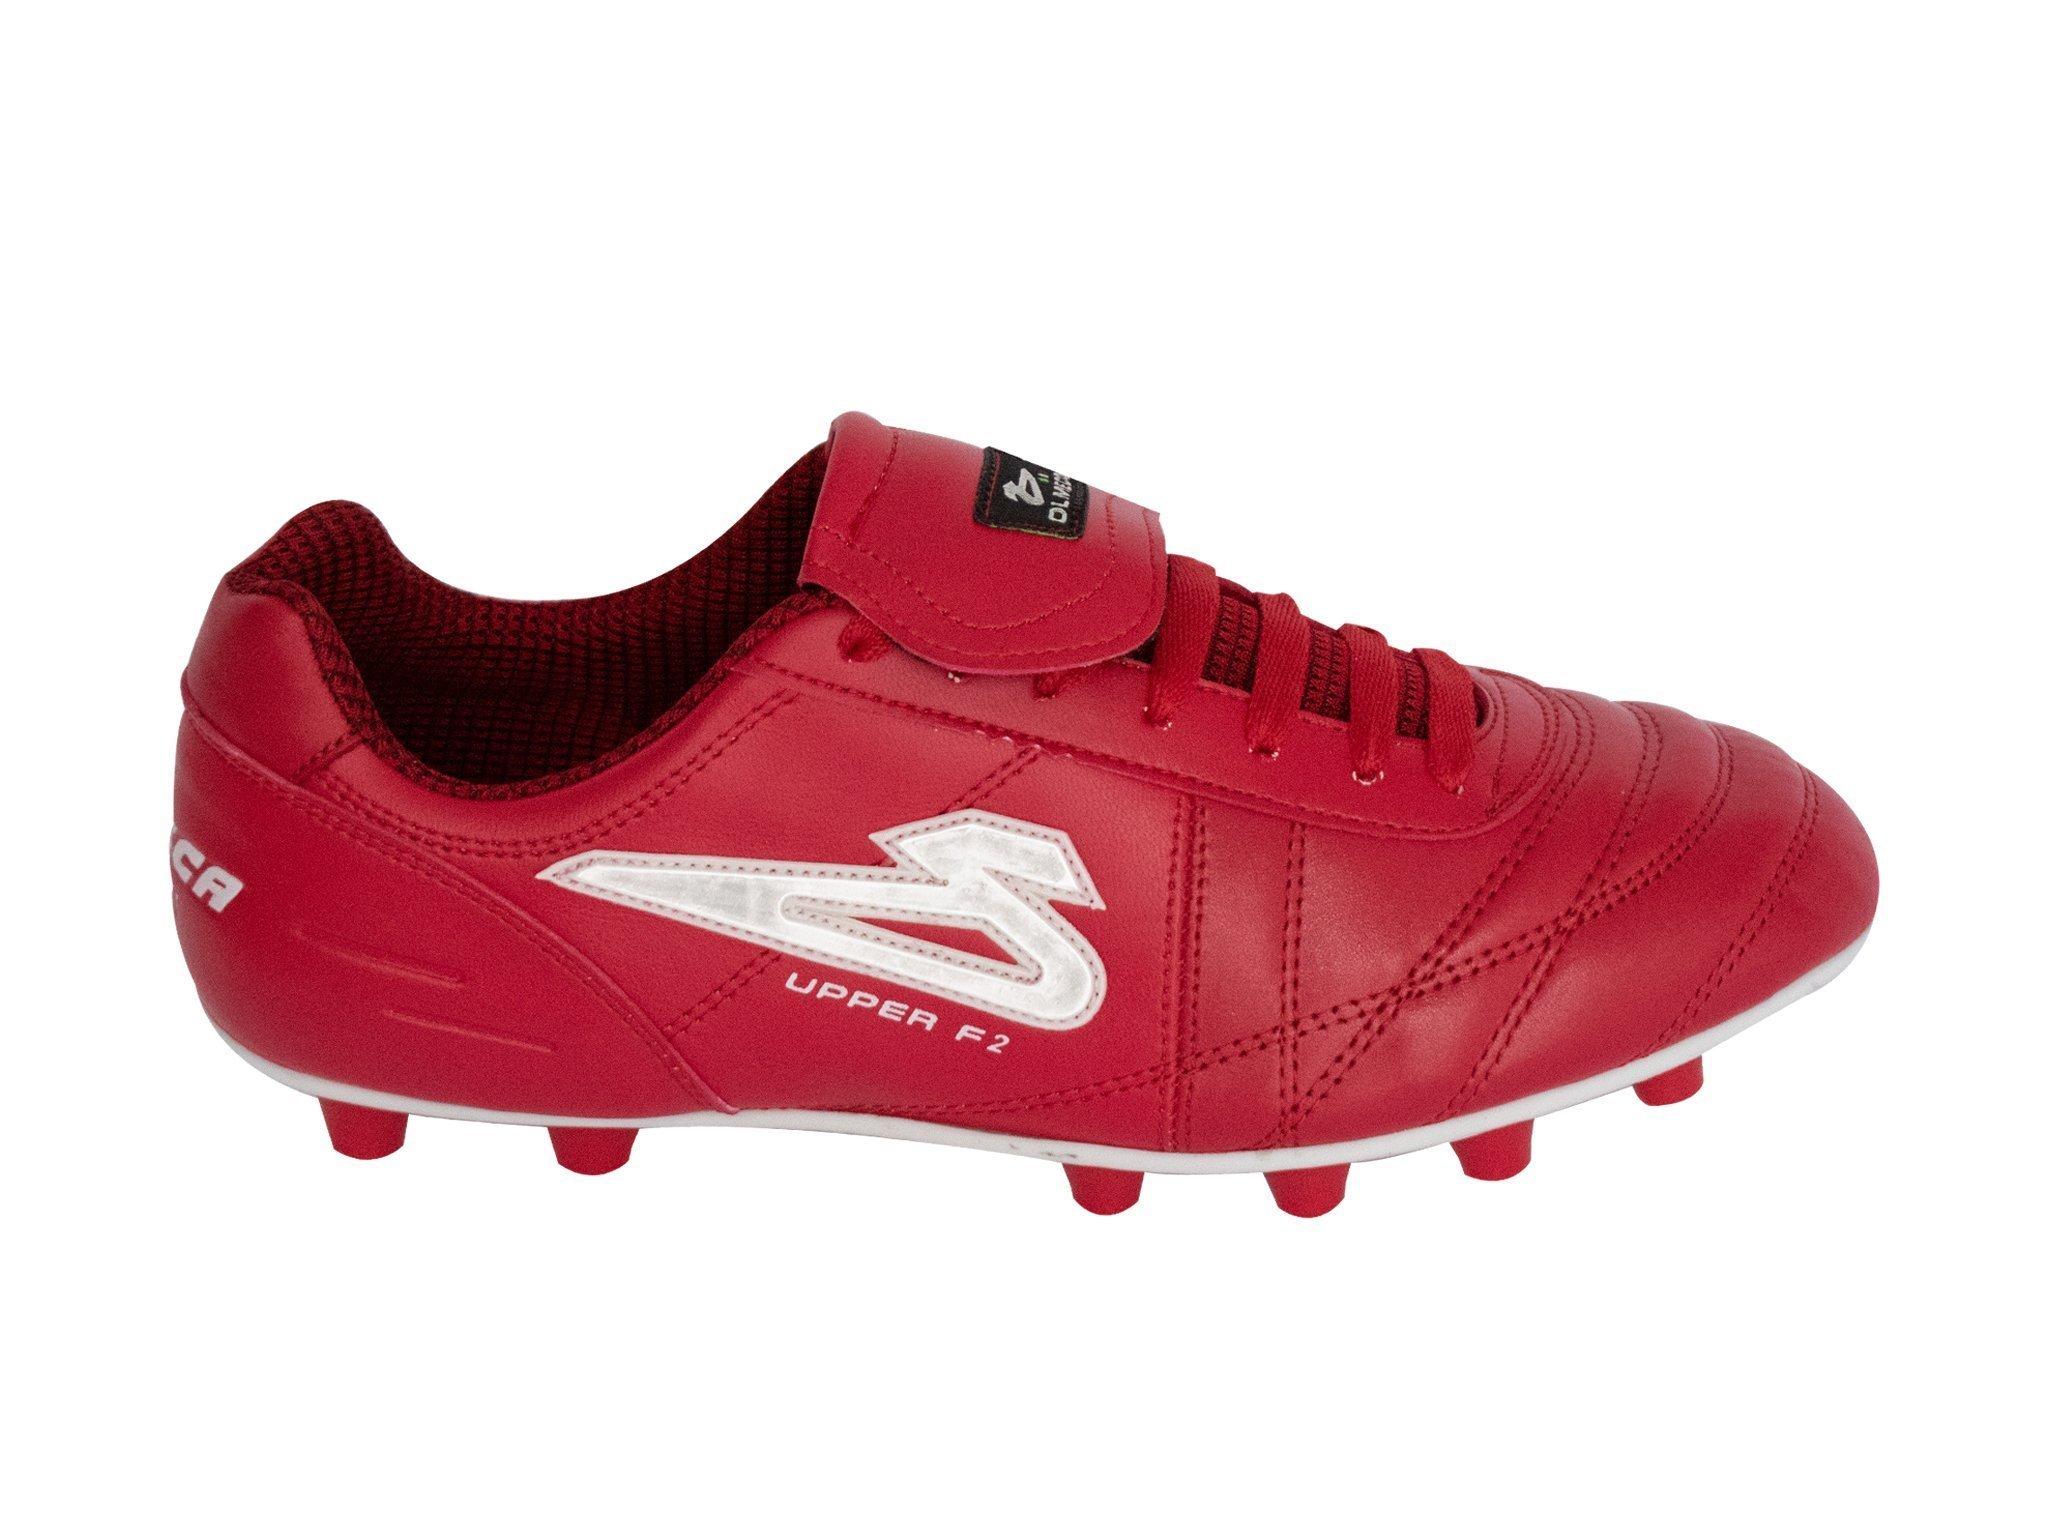 Zapato de fútbol Olmeca mod. UpperPro rojo